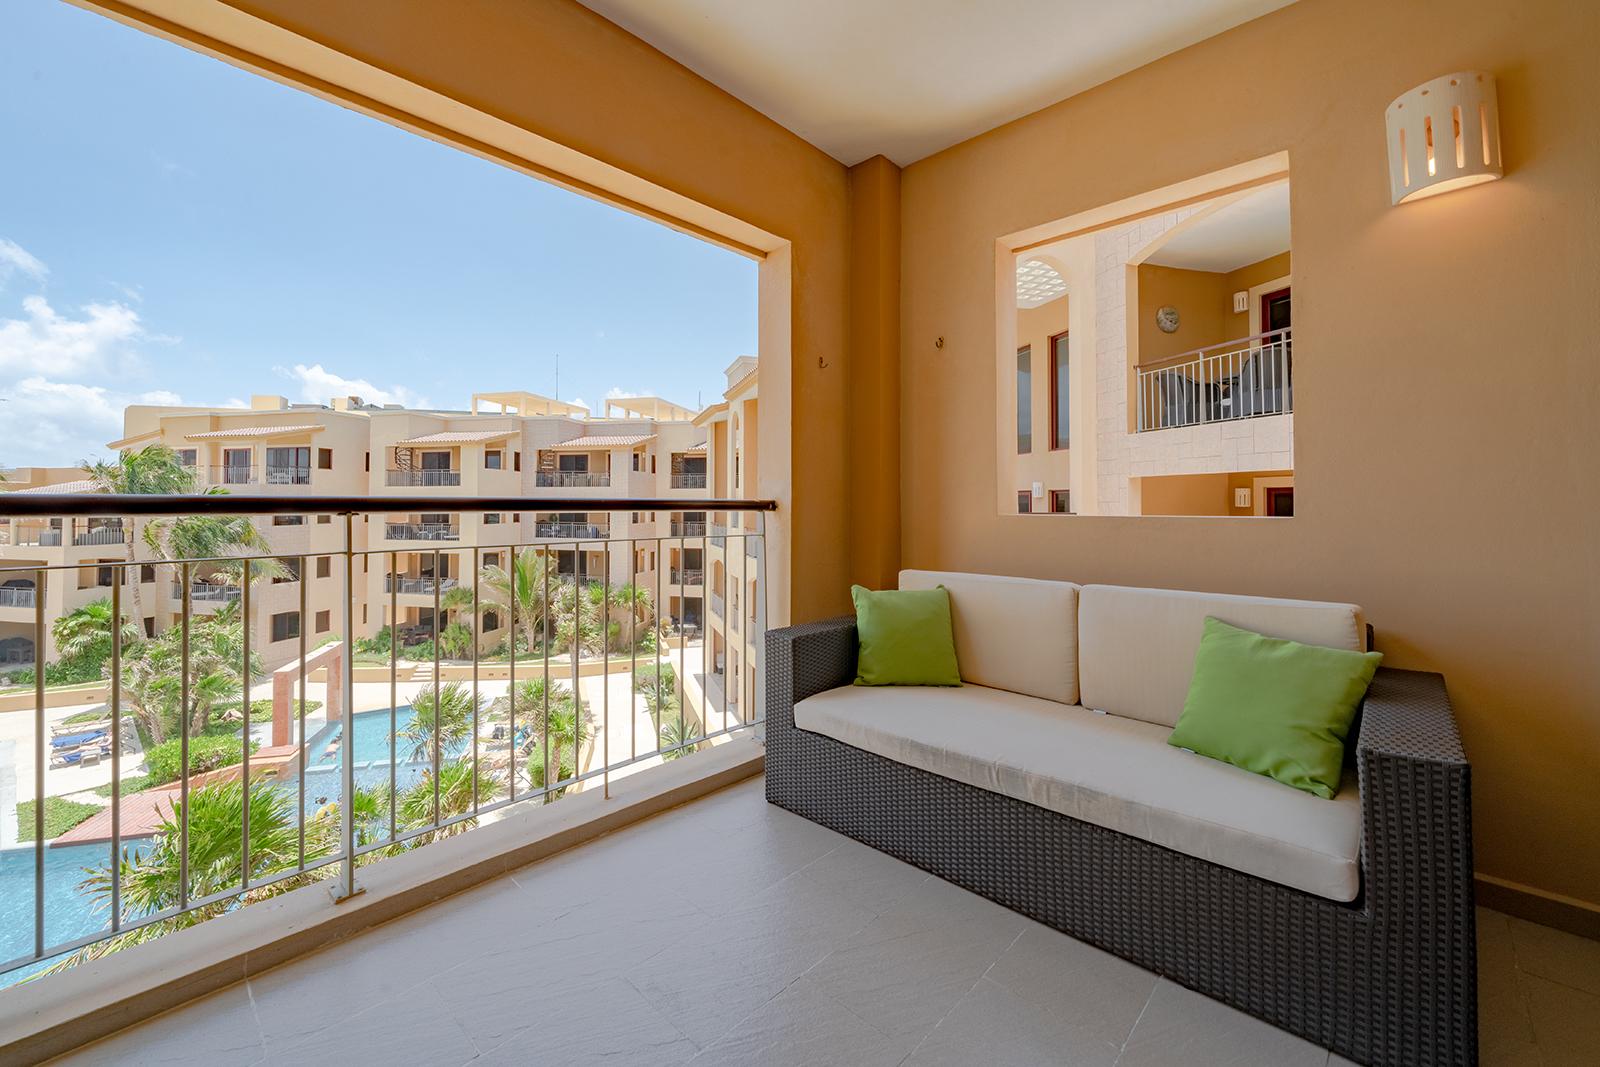 Condo El Faro Surf 301 Playa del Carmen Condo Home For Sale Real Estate to Buy